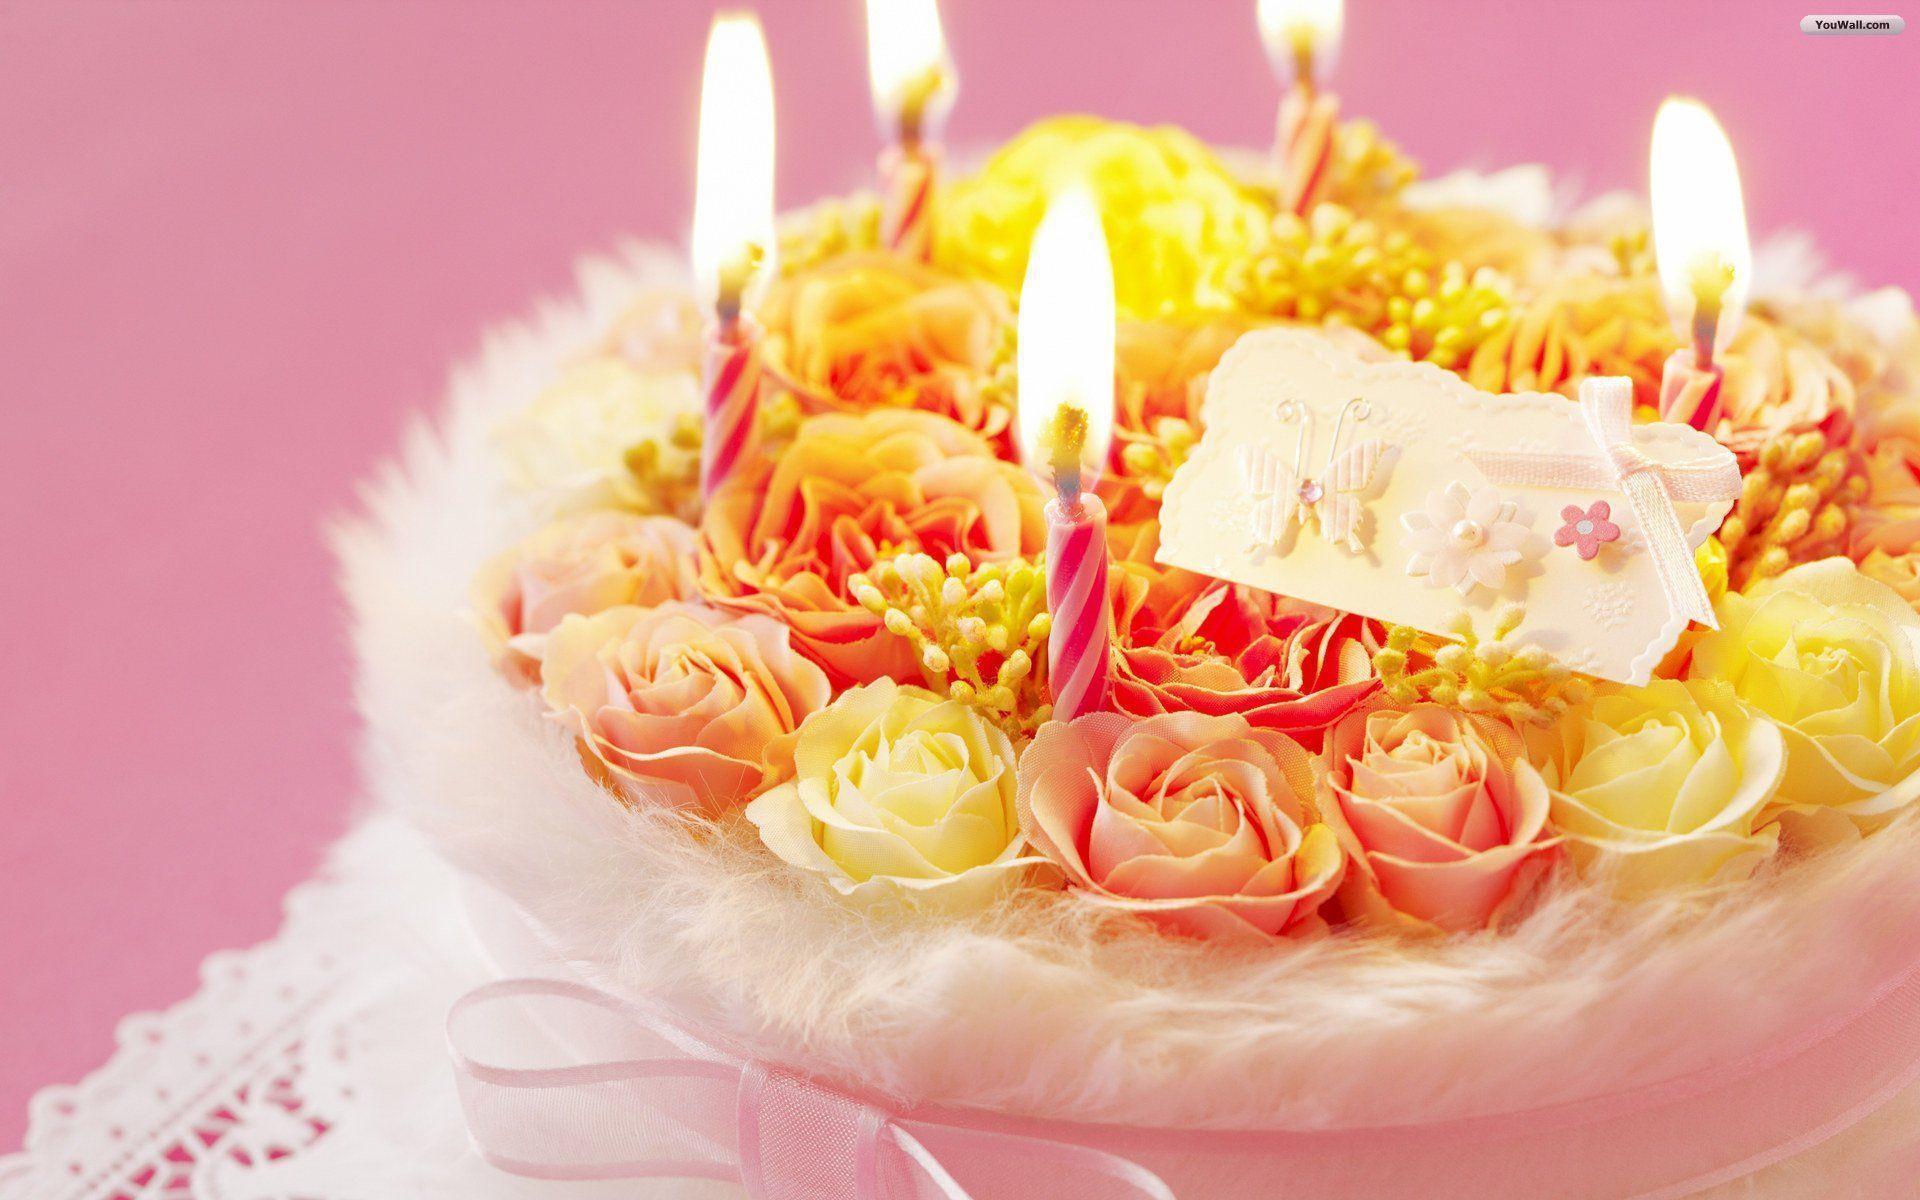 Sinh nhật của bạn bè đang đến gần, bạn đang tìm kiếm những mẫu ảnh đẹp để in làm thiệp tặng sinh nhật? Vậy thì những hình ảnh này sẽ không làm ...